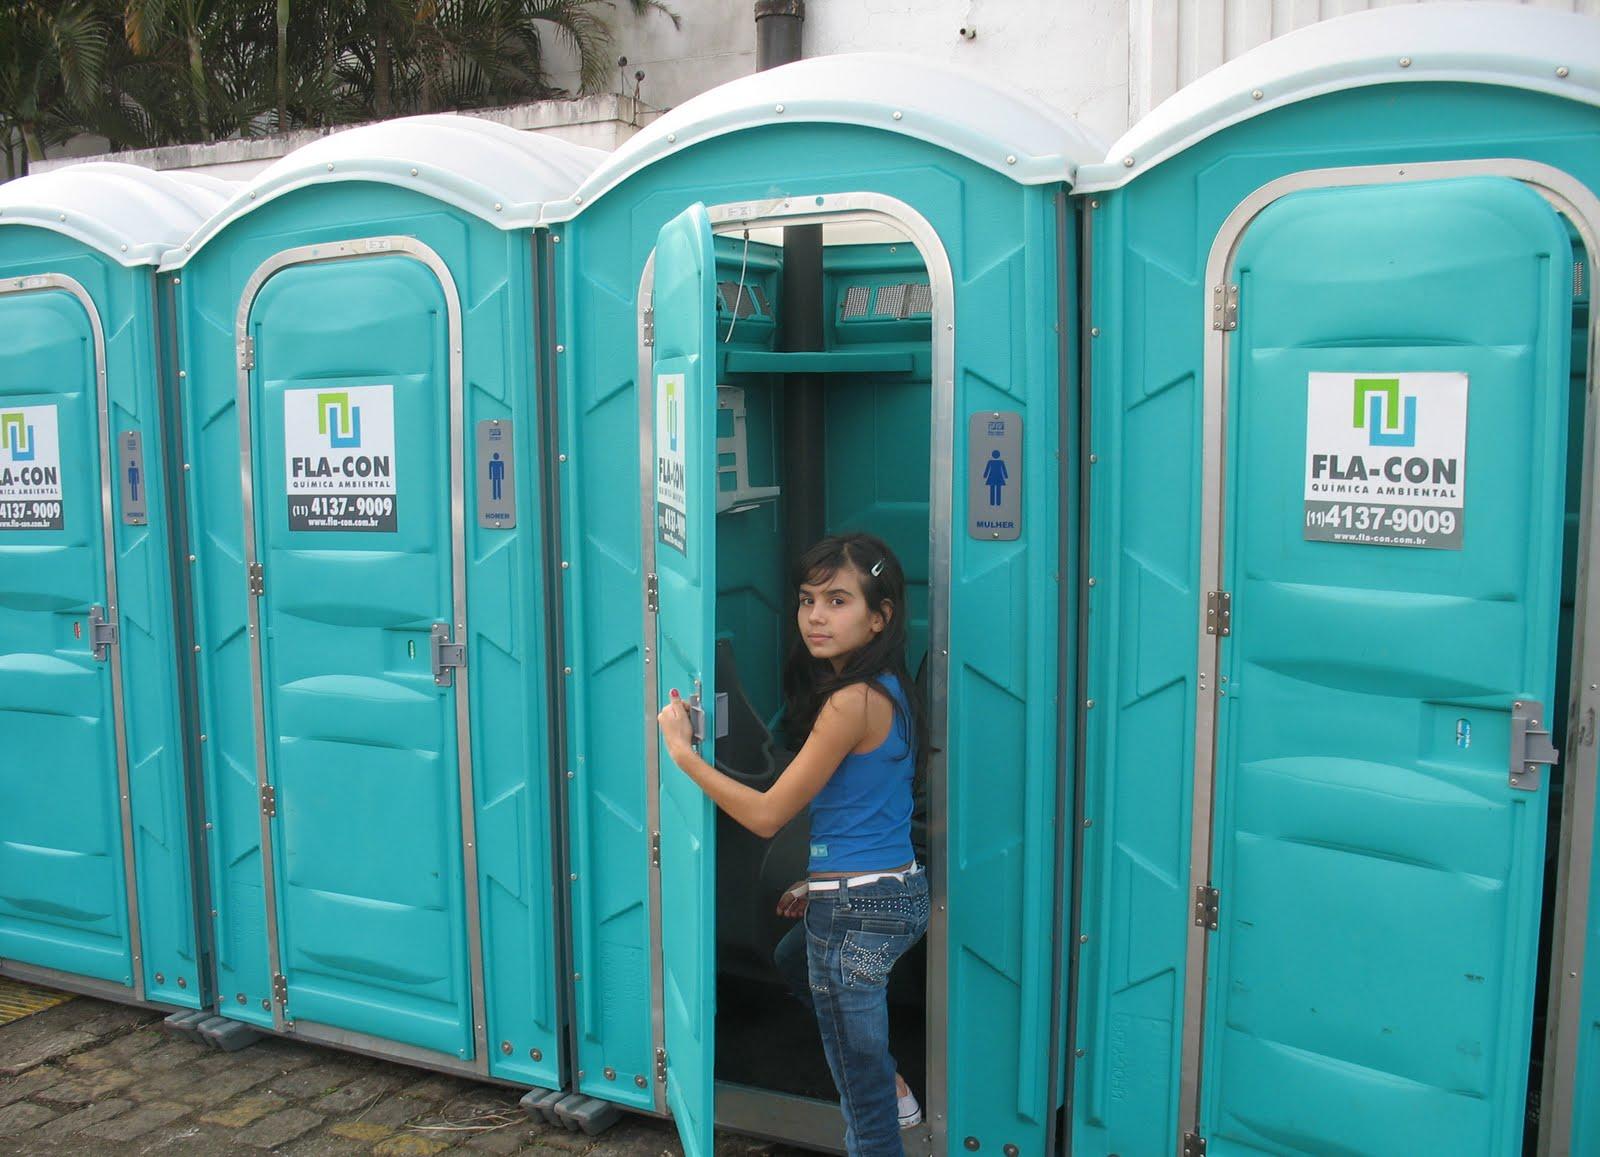 #228B93 Banheiros Quimicos FLA CON BLOG 1600x1157 px Banheiro Luxo Eventos 2837